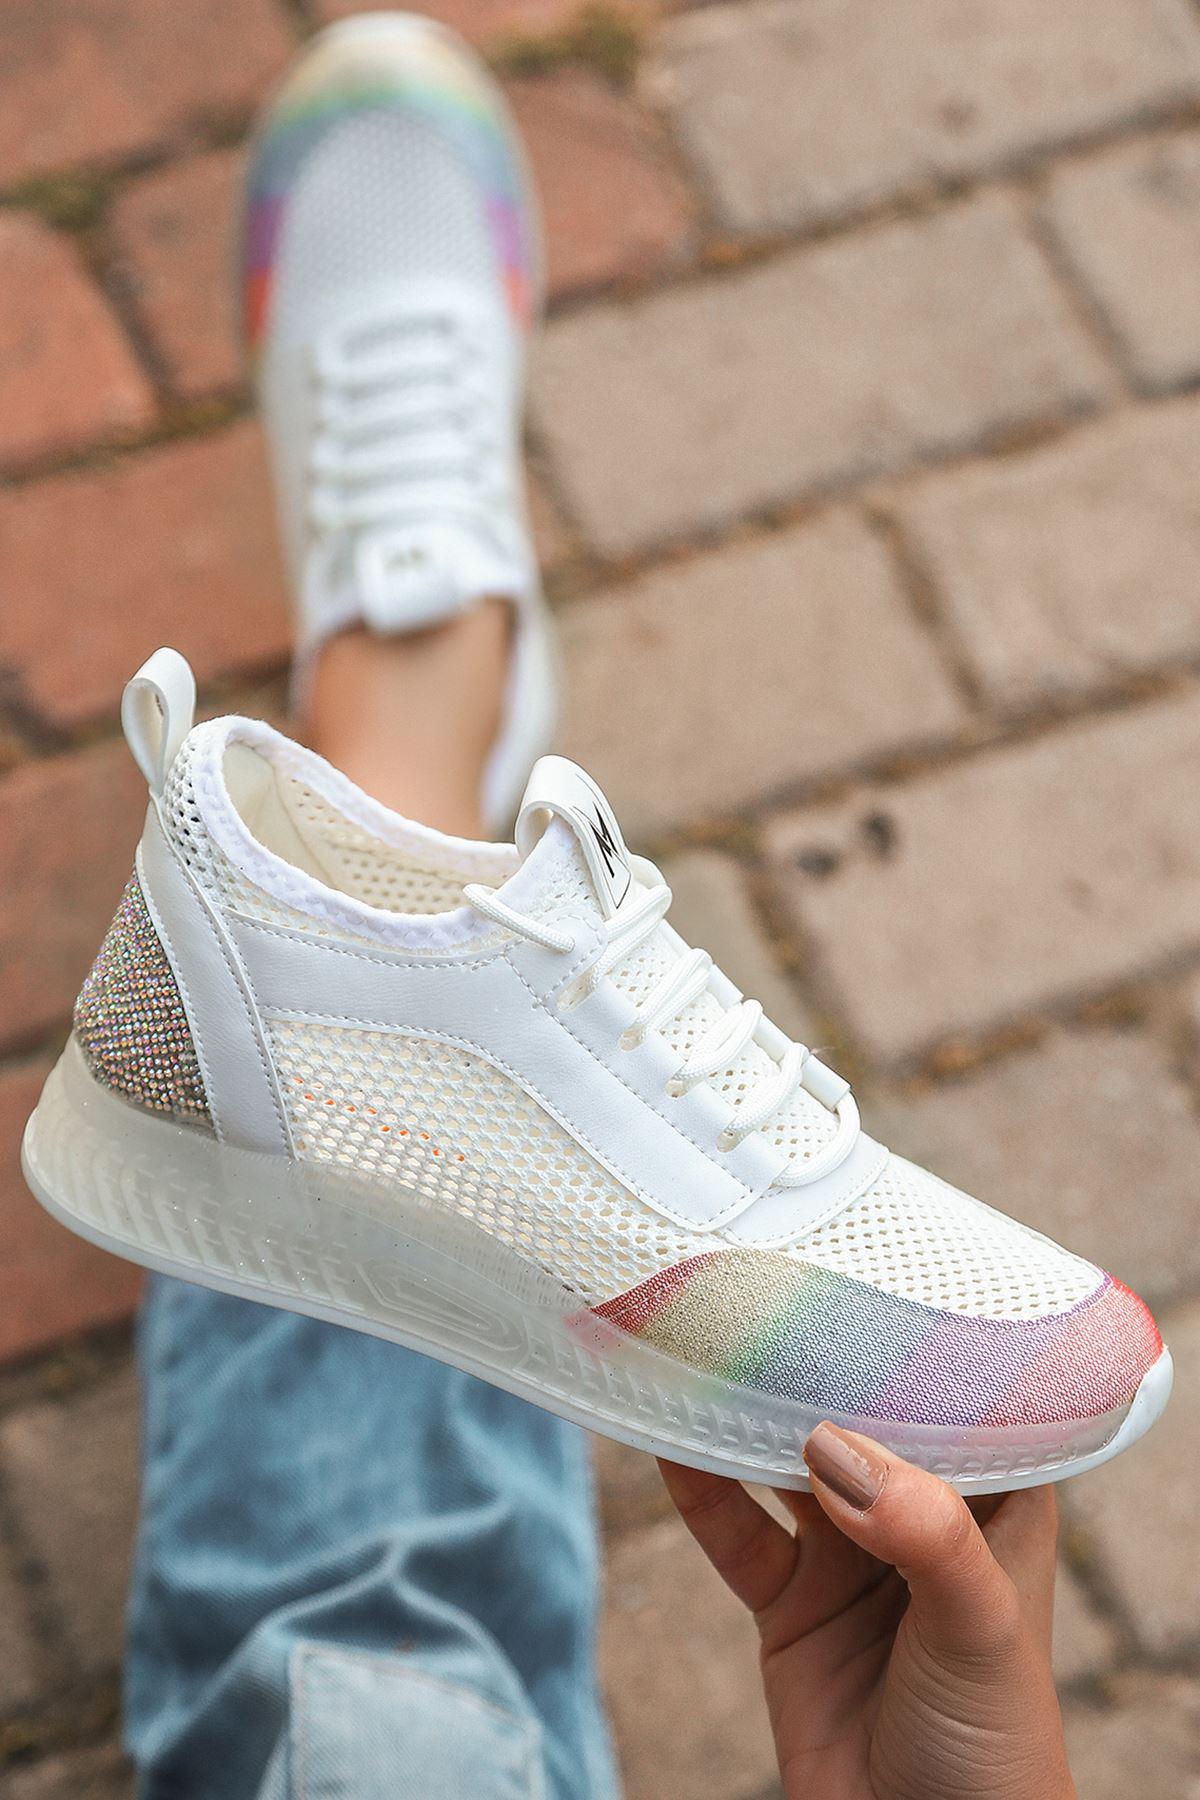 Jenny Beyaz Gökkuşağı Triko Kadın Ayakkabı